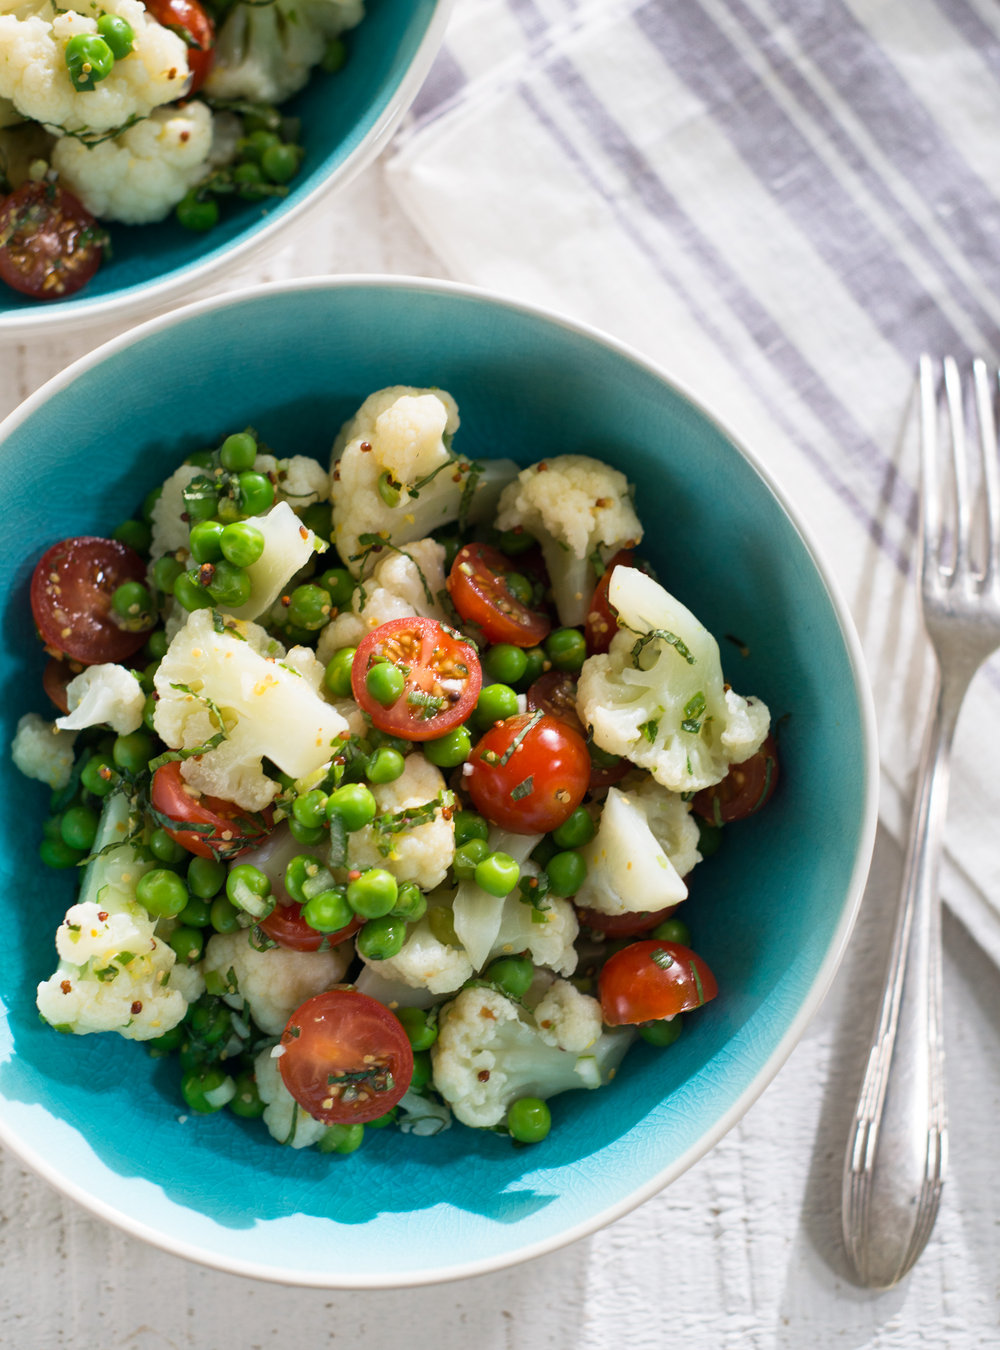 Salade de chou-fleur et de petits pois | ricardo